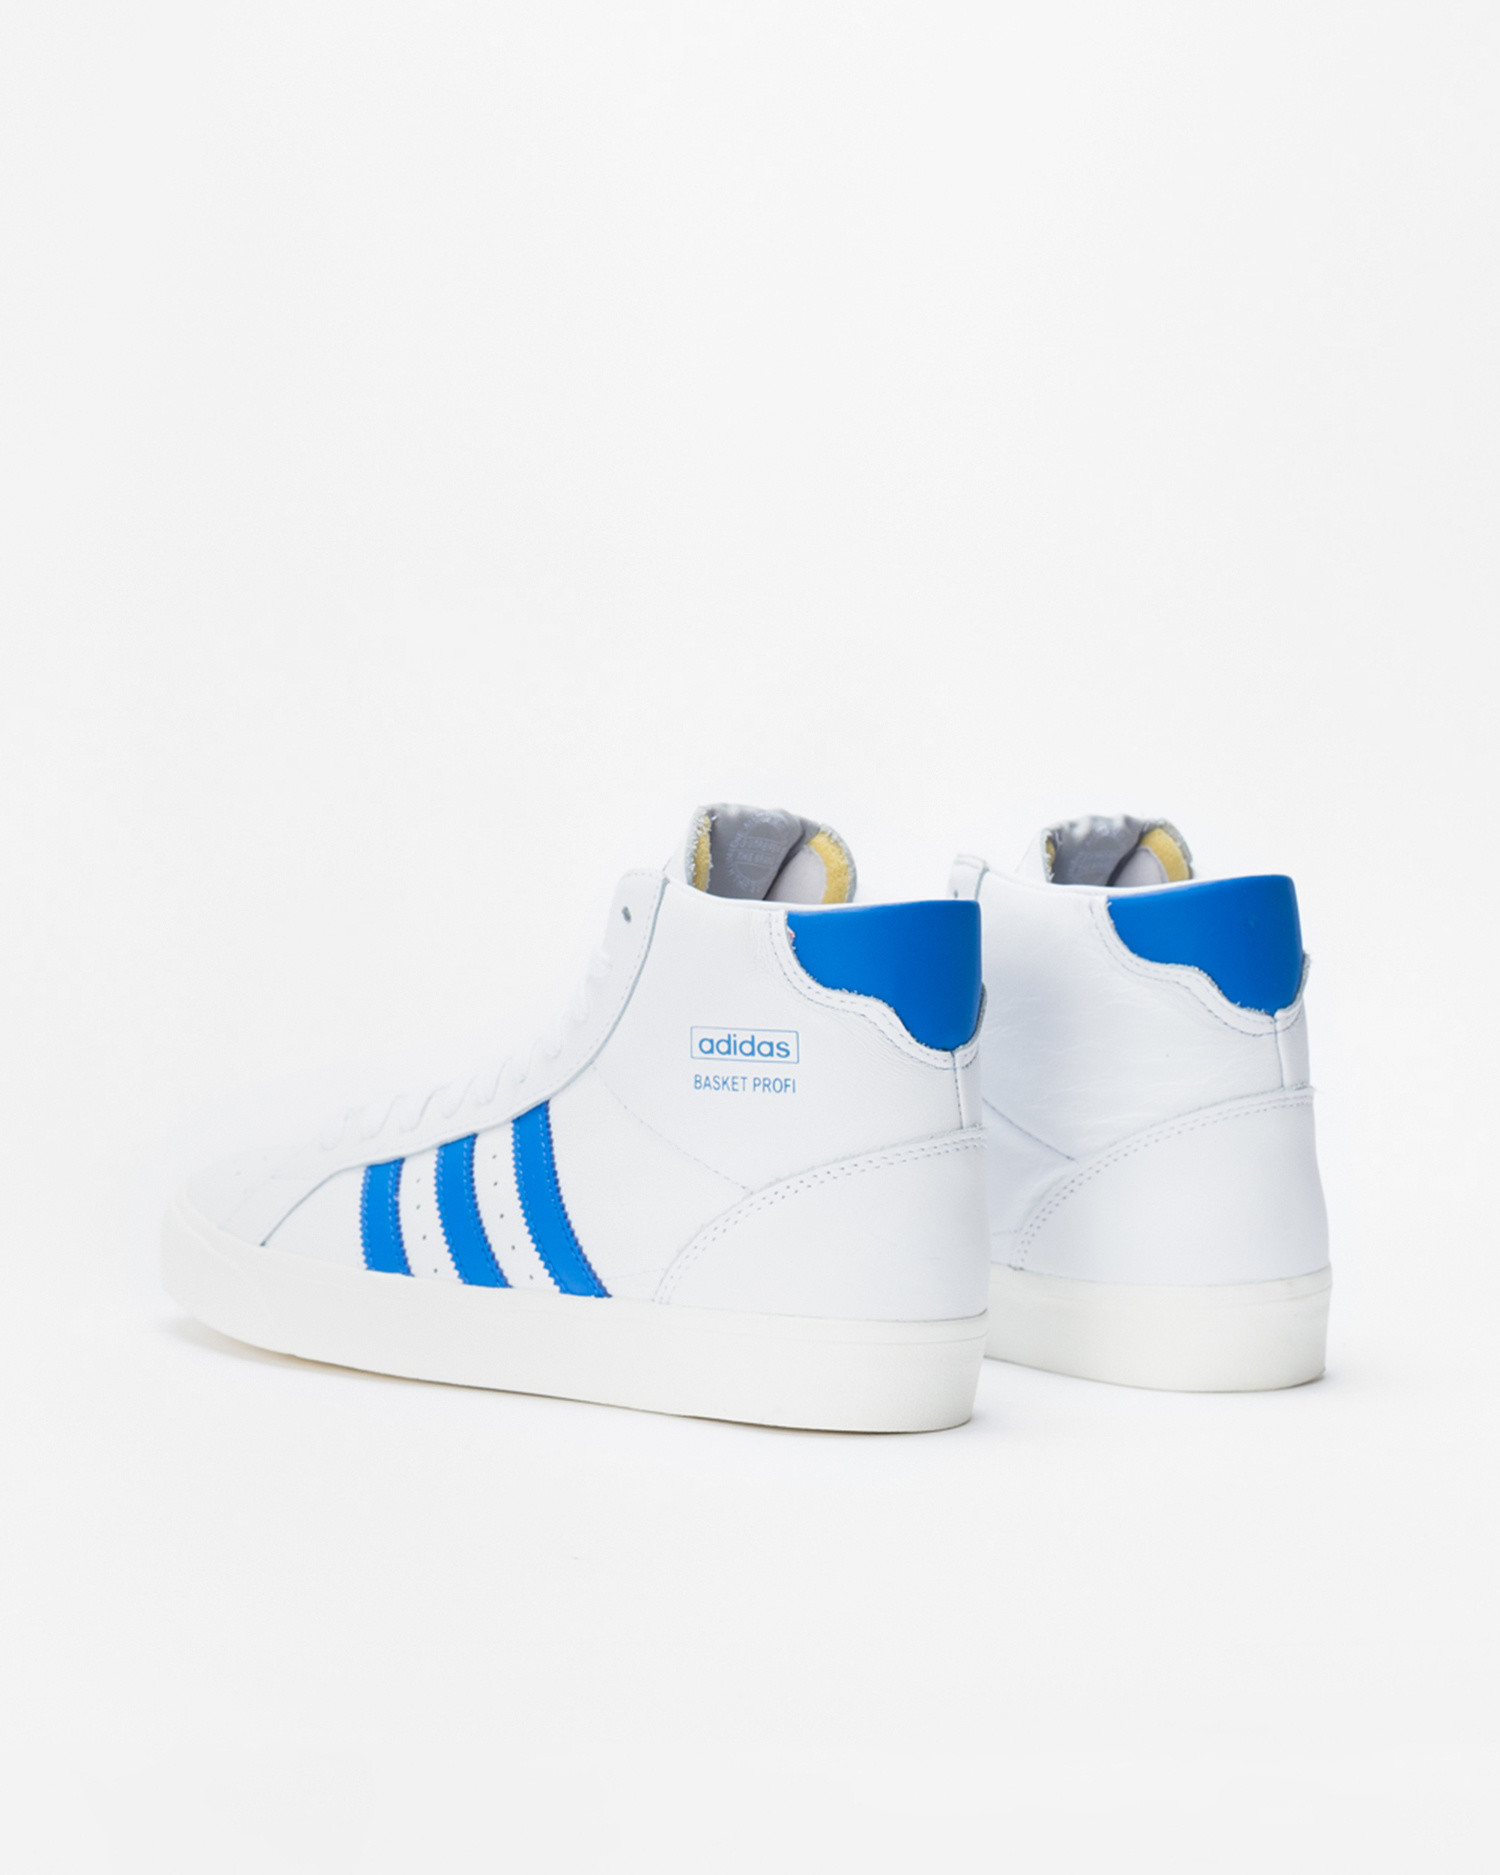 Adidas Basket Profi Frwwht/Blubir/Owhite